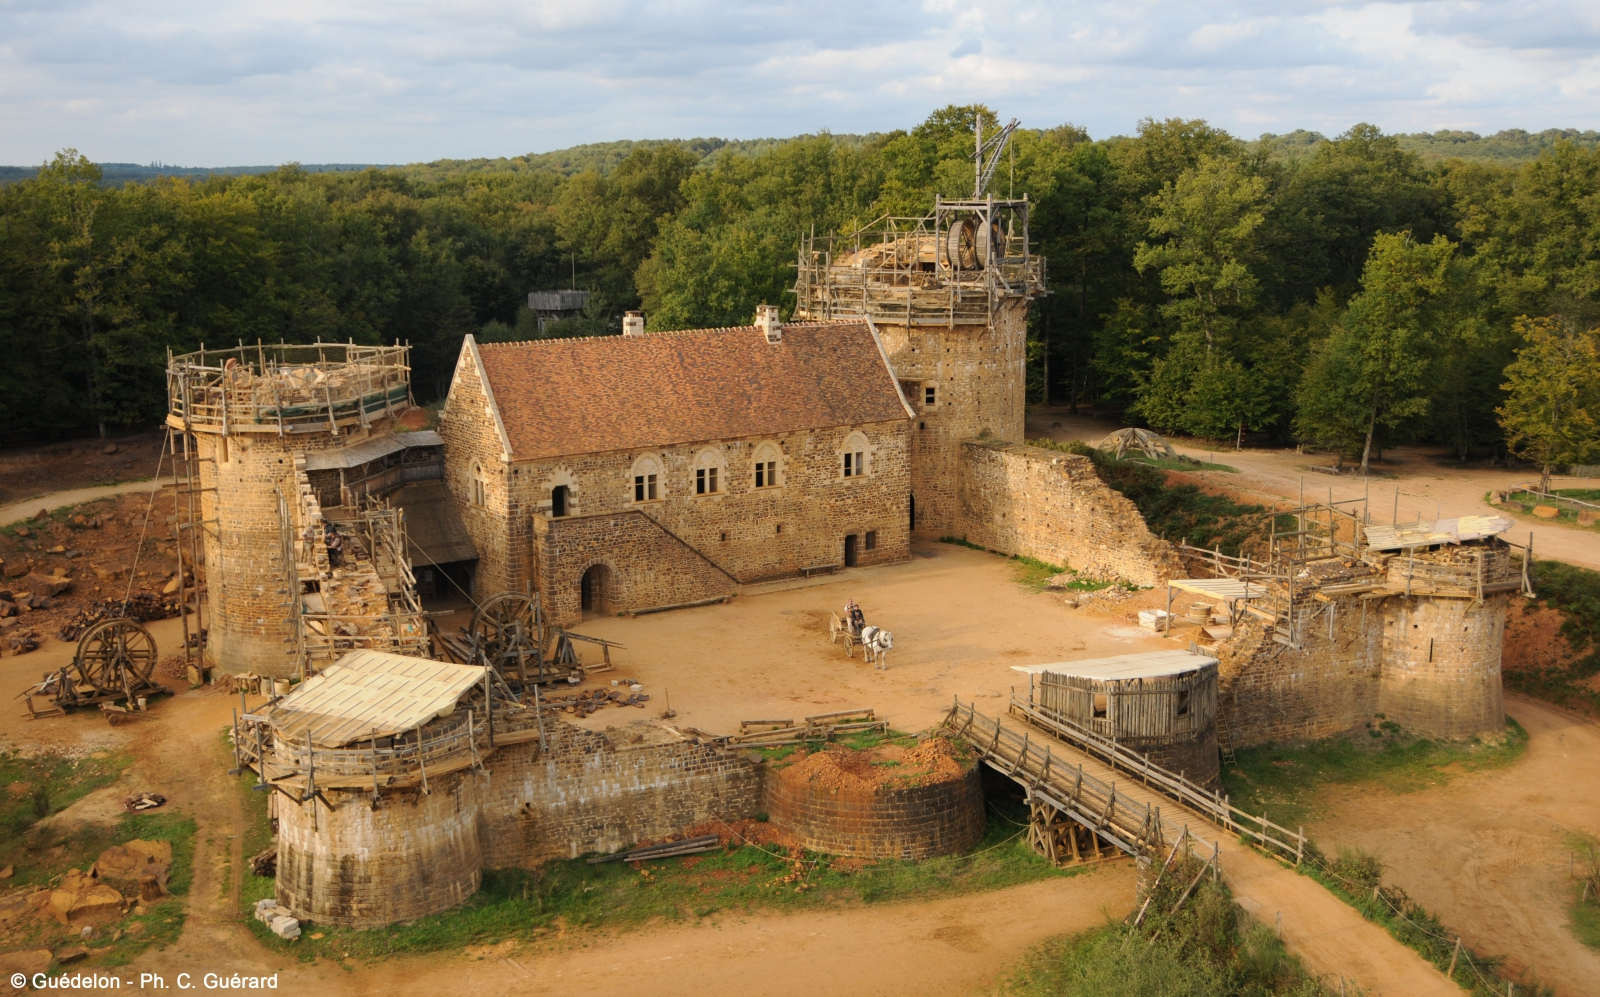 castillo de guedelon 1